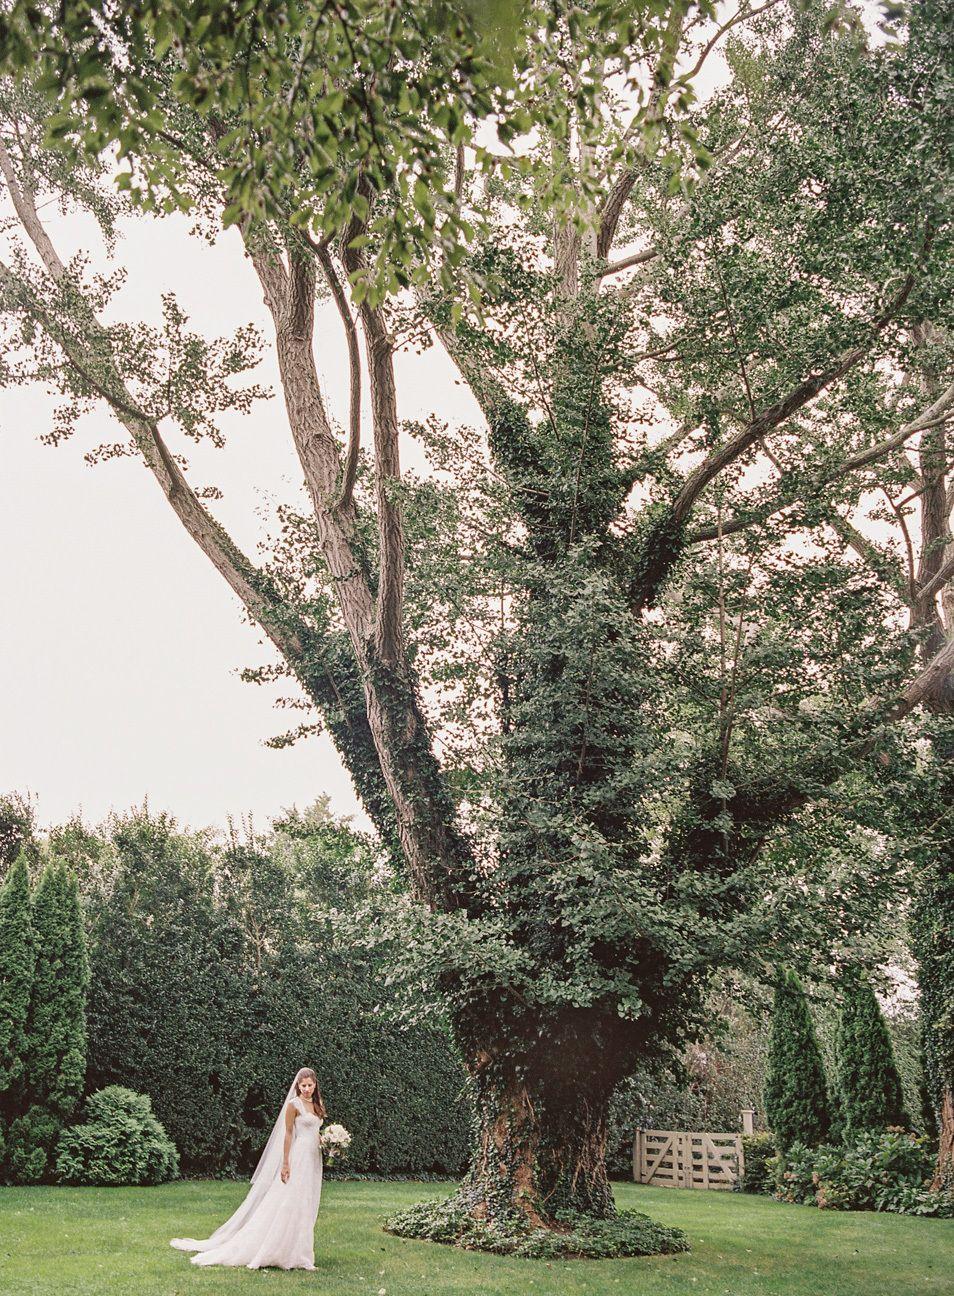 1karenhillphotography_hanke_wedding_16_0218.jpg